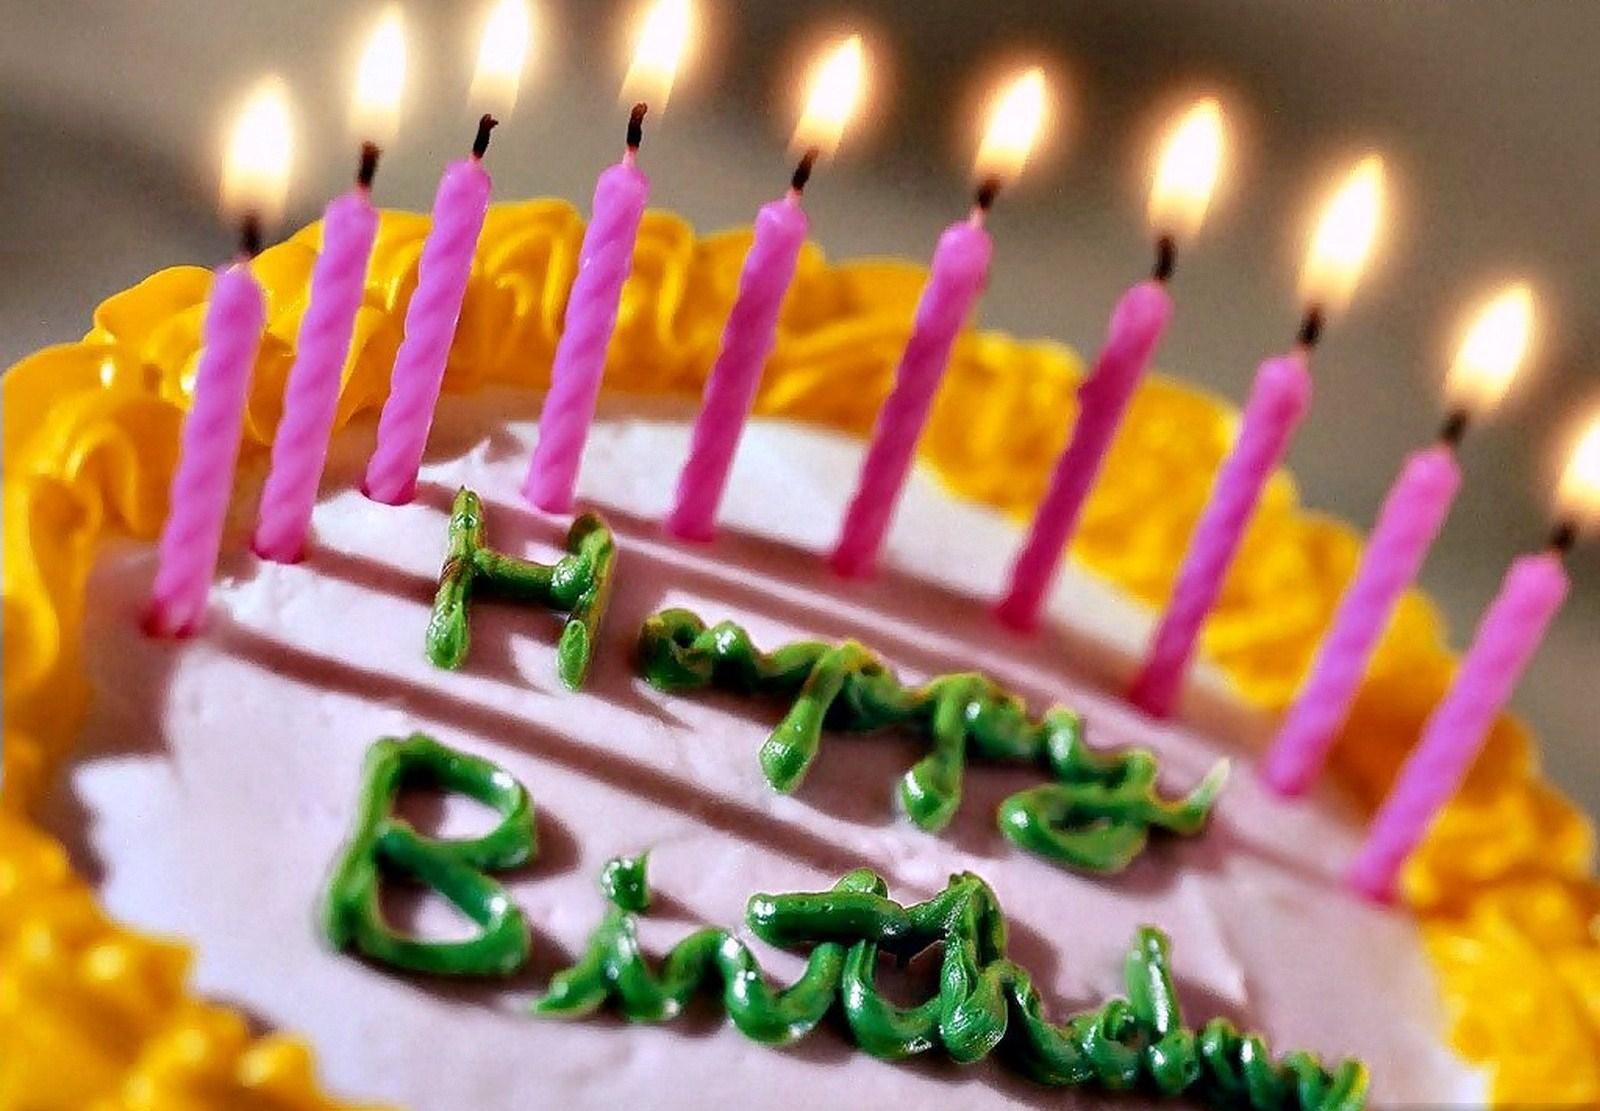 Свечи и торт в день рождения - С Днем Рождения